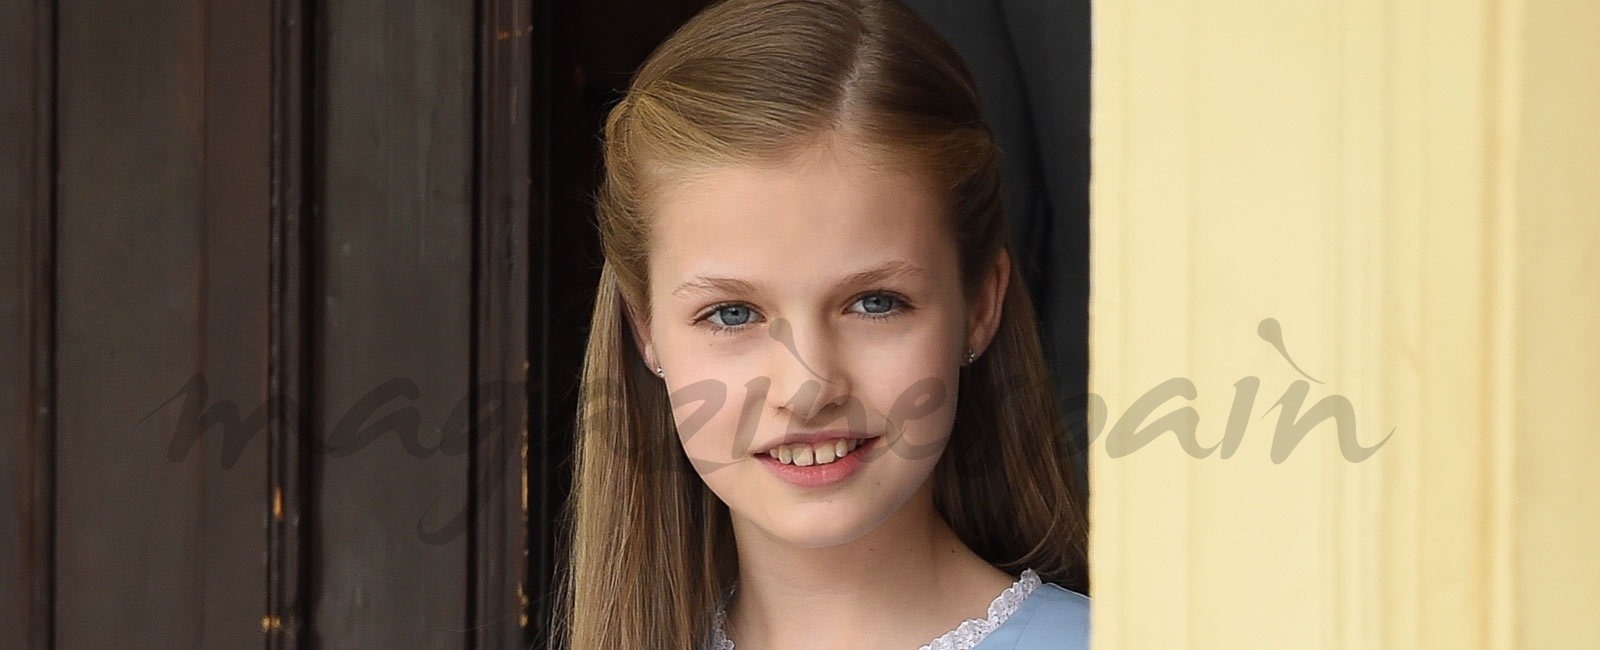 La princesa Leonor cumple 12 años: Especial 2005-2017 – VÍDEO